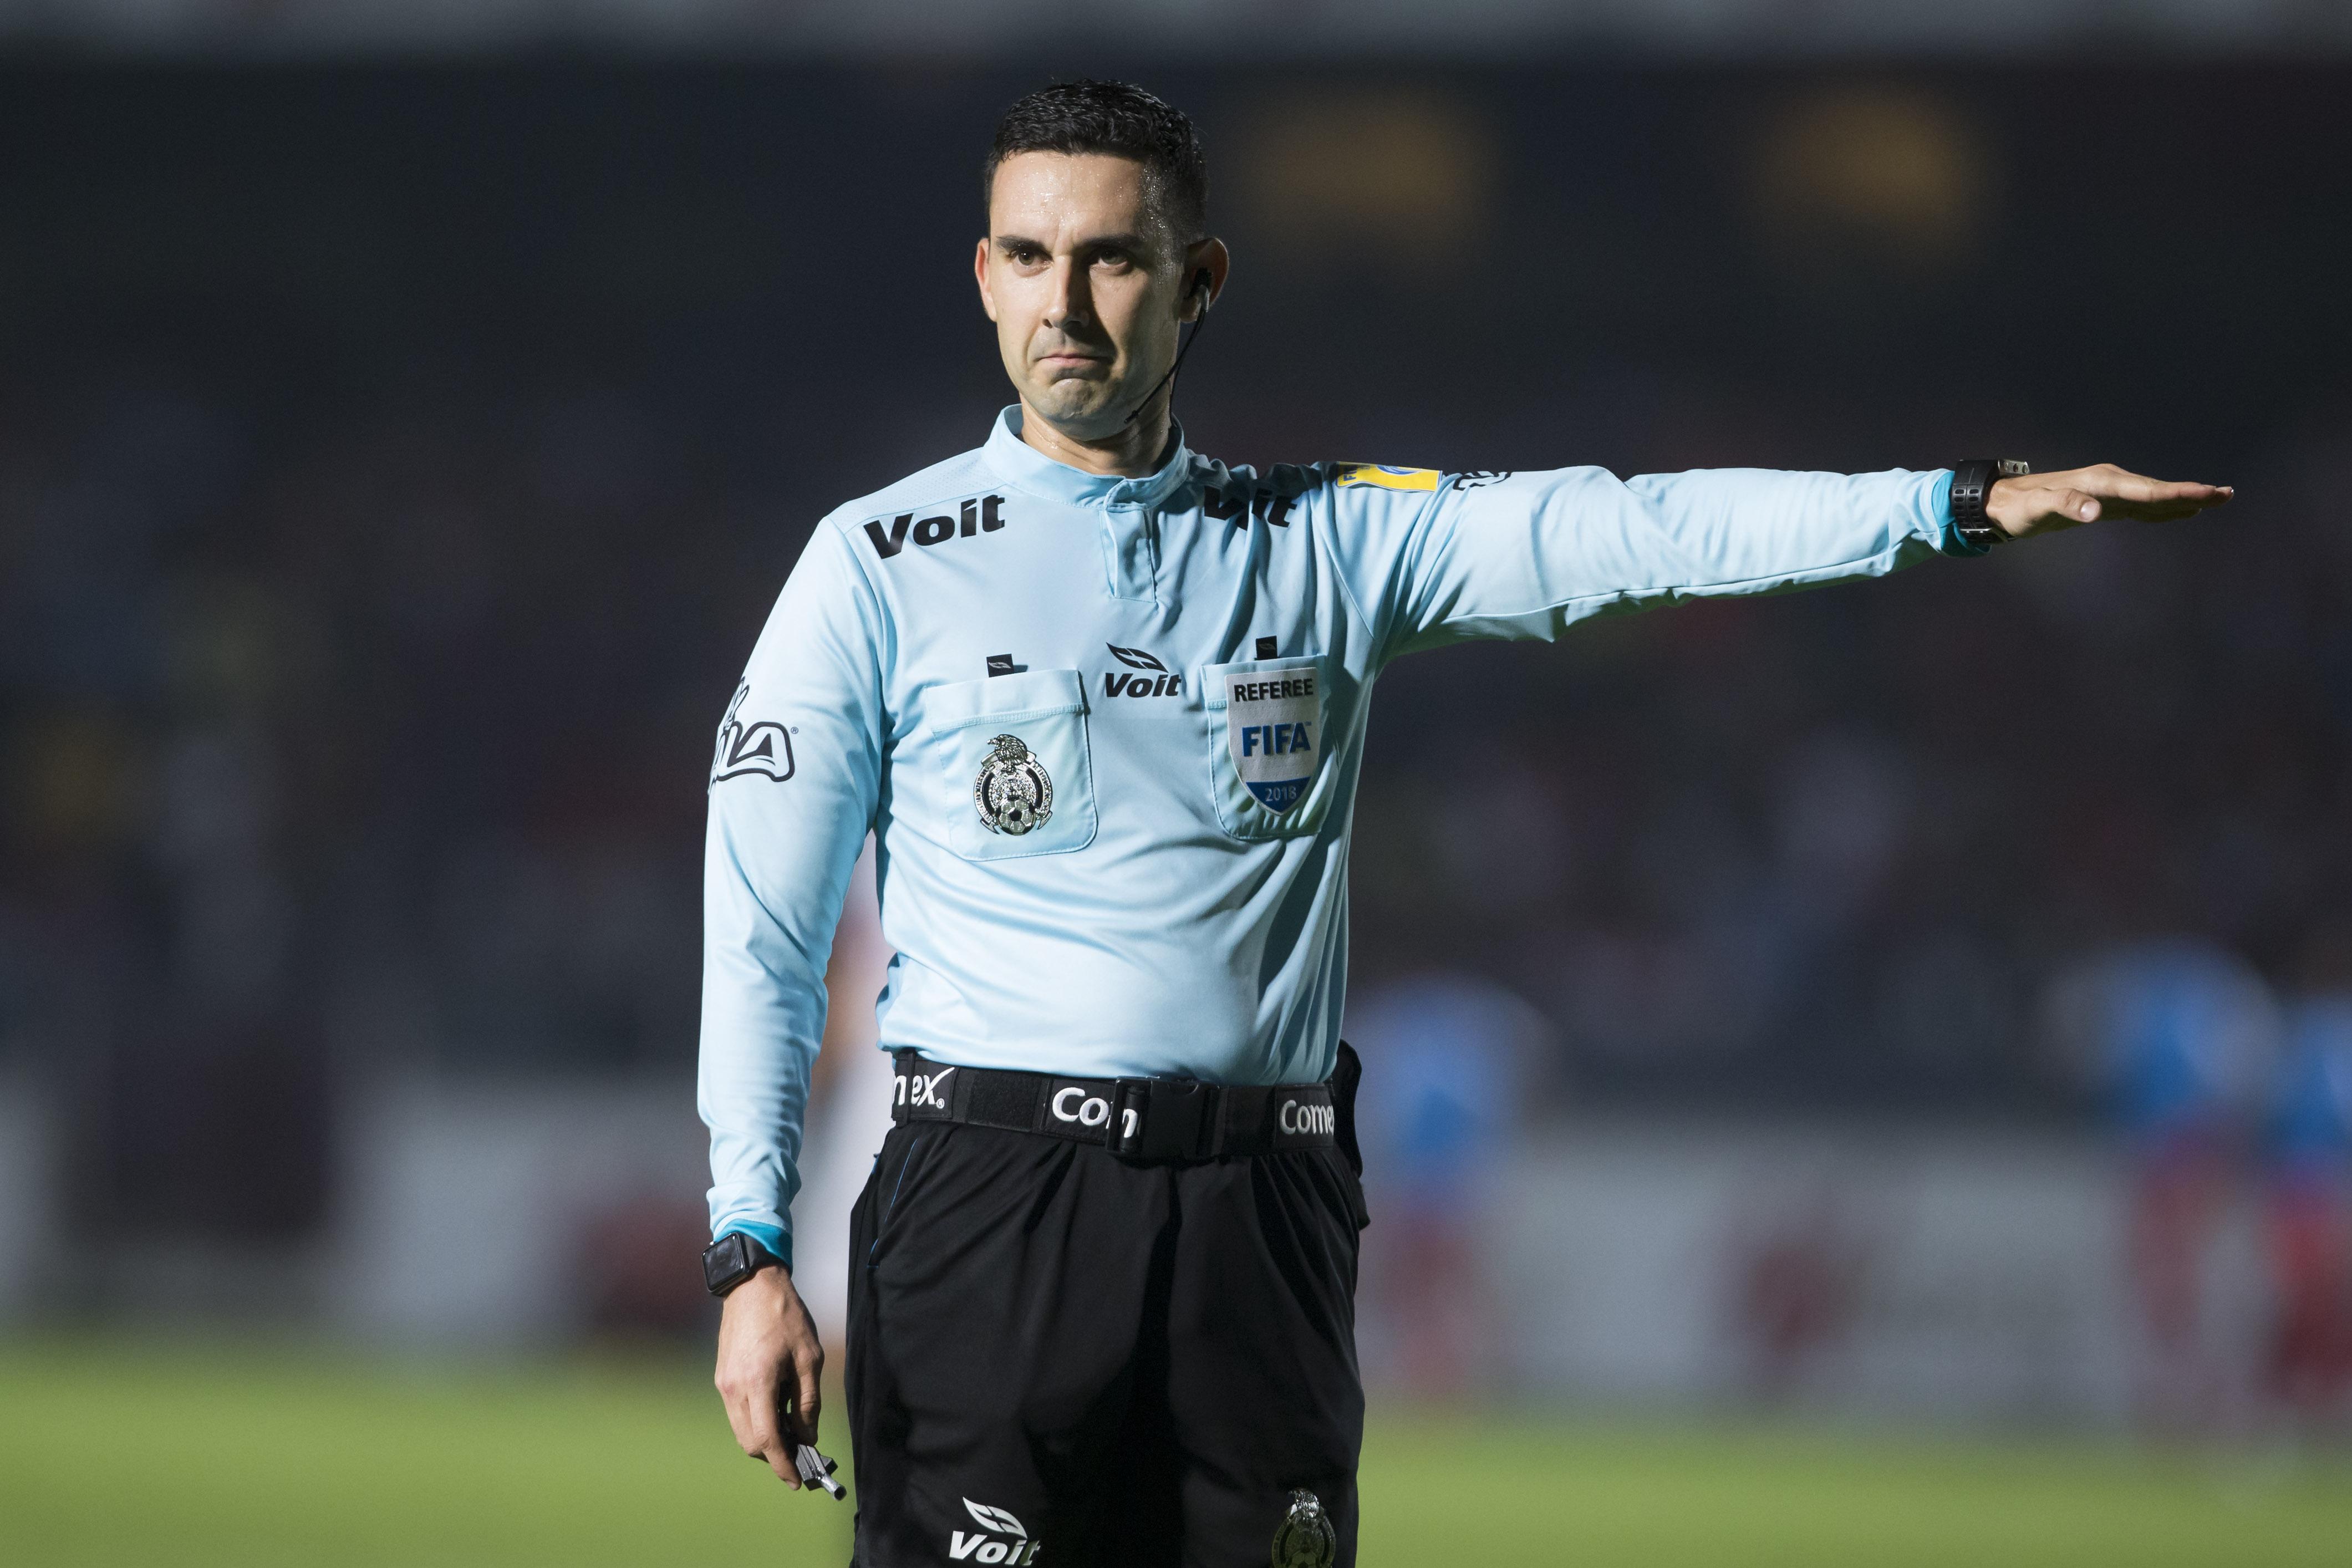 ¡El primer mexicano confirmado! Cesar Arturo Ramos ya tiene boleto para el Mundial de Rusia 2018